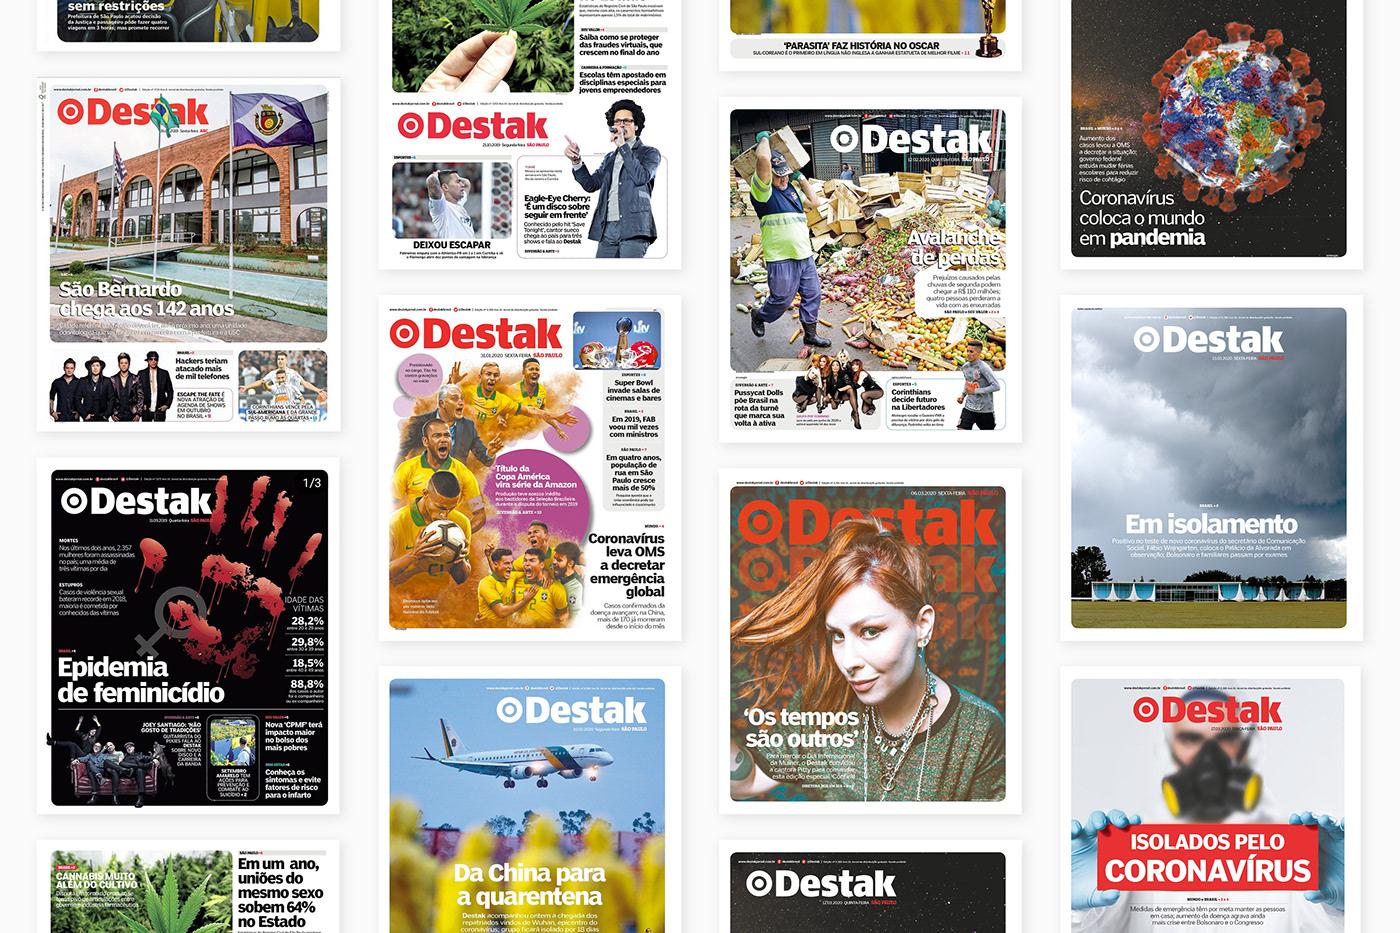 destak digital editorial jornal jornalismo news noticias portal